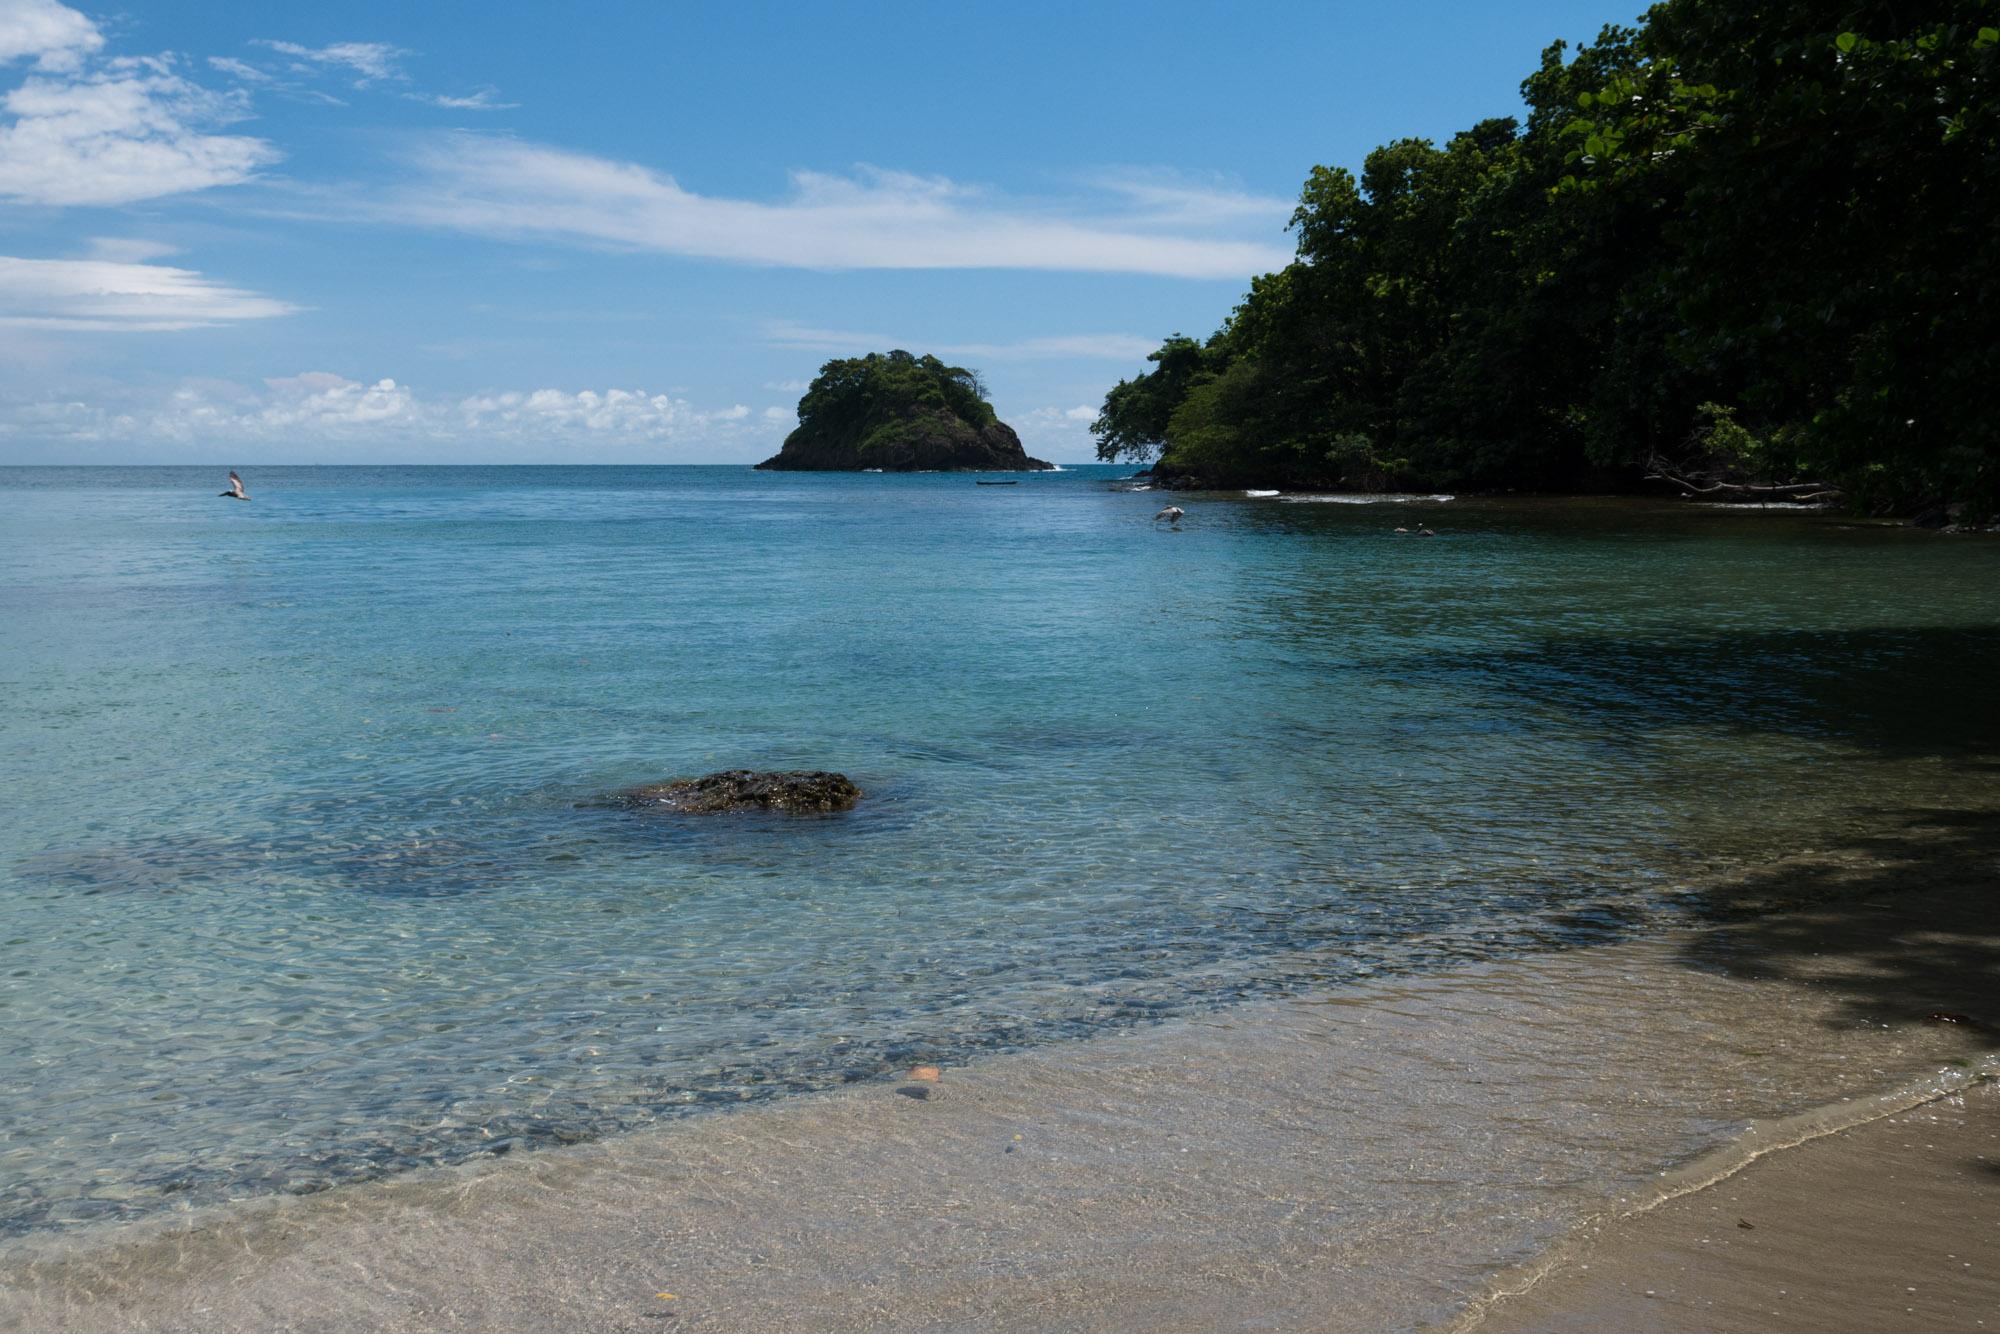 Playa Huertas e Isla Drake, bahía de Portobelo, Panamá